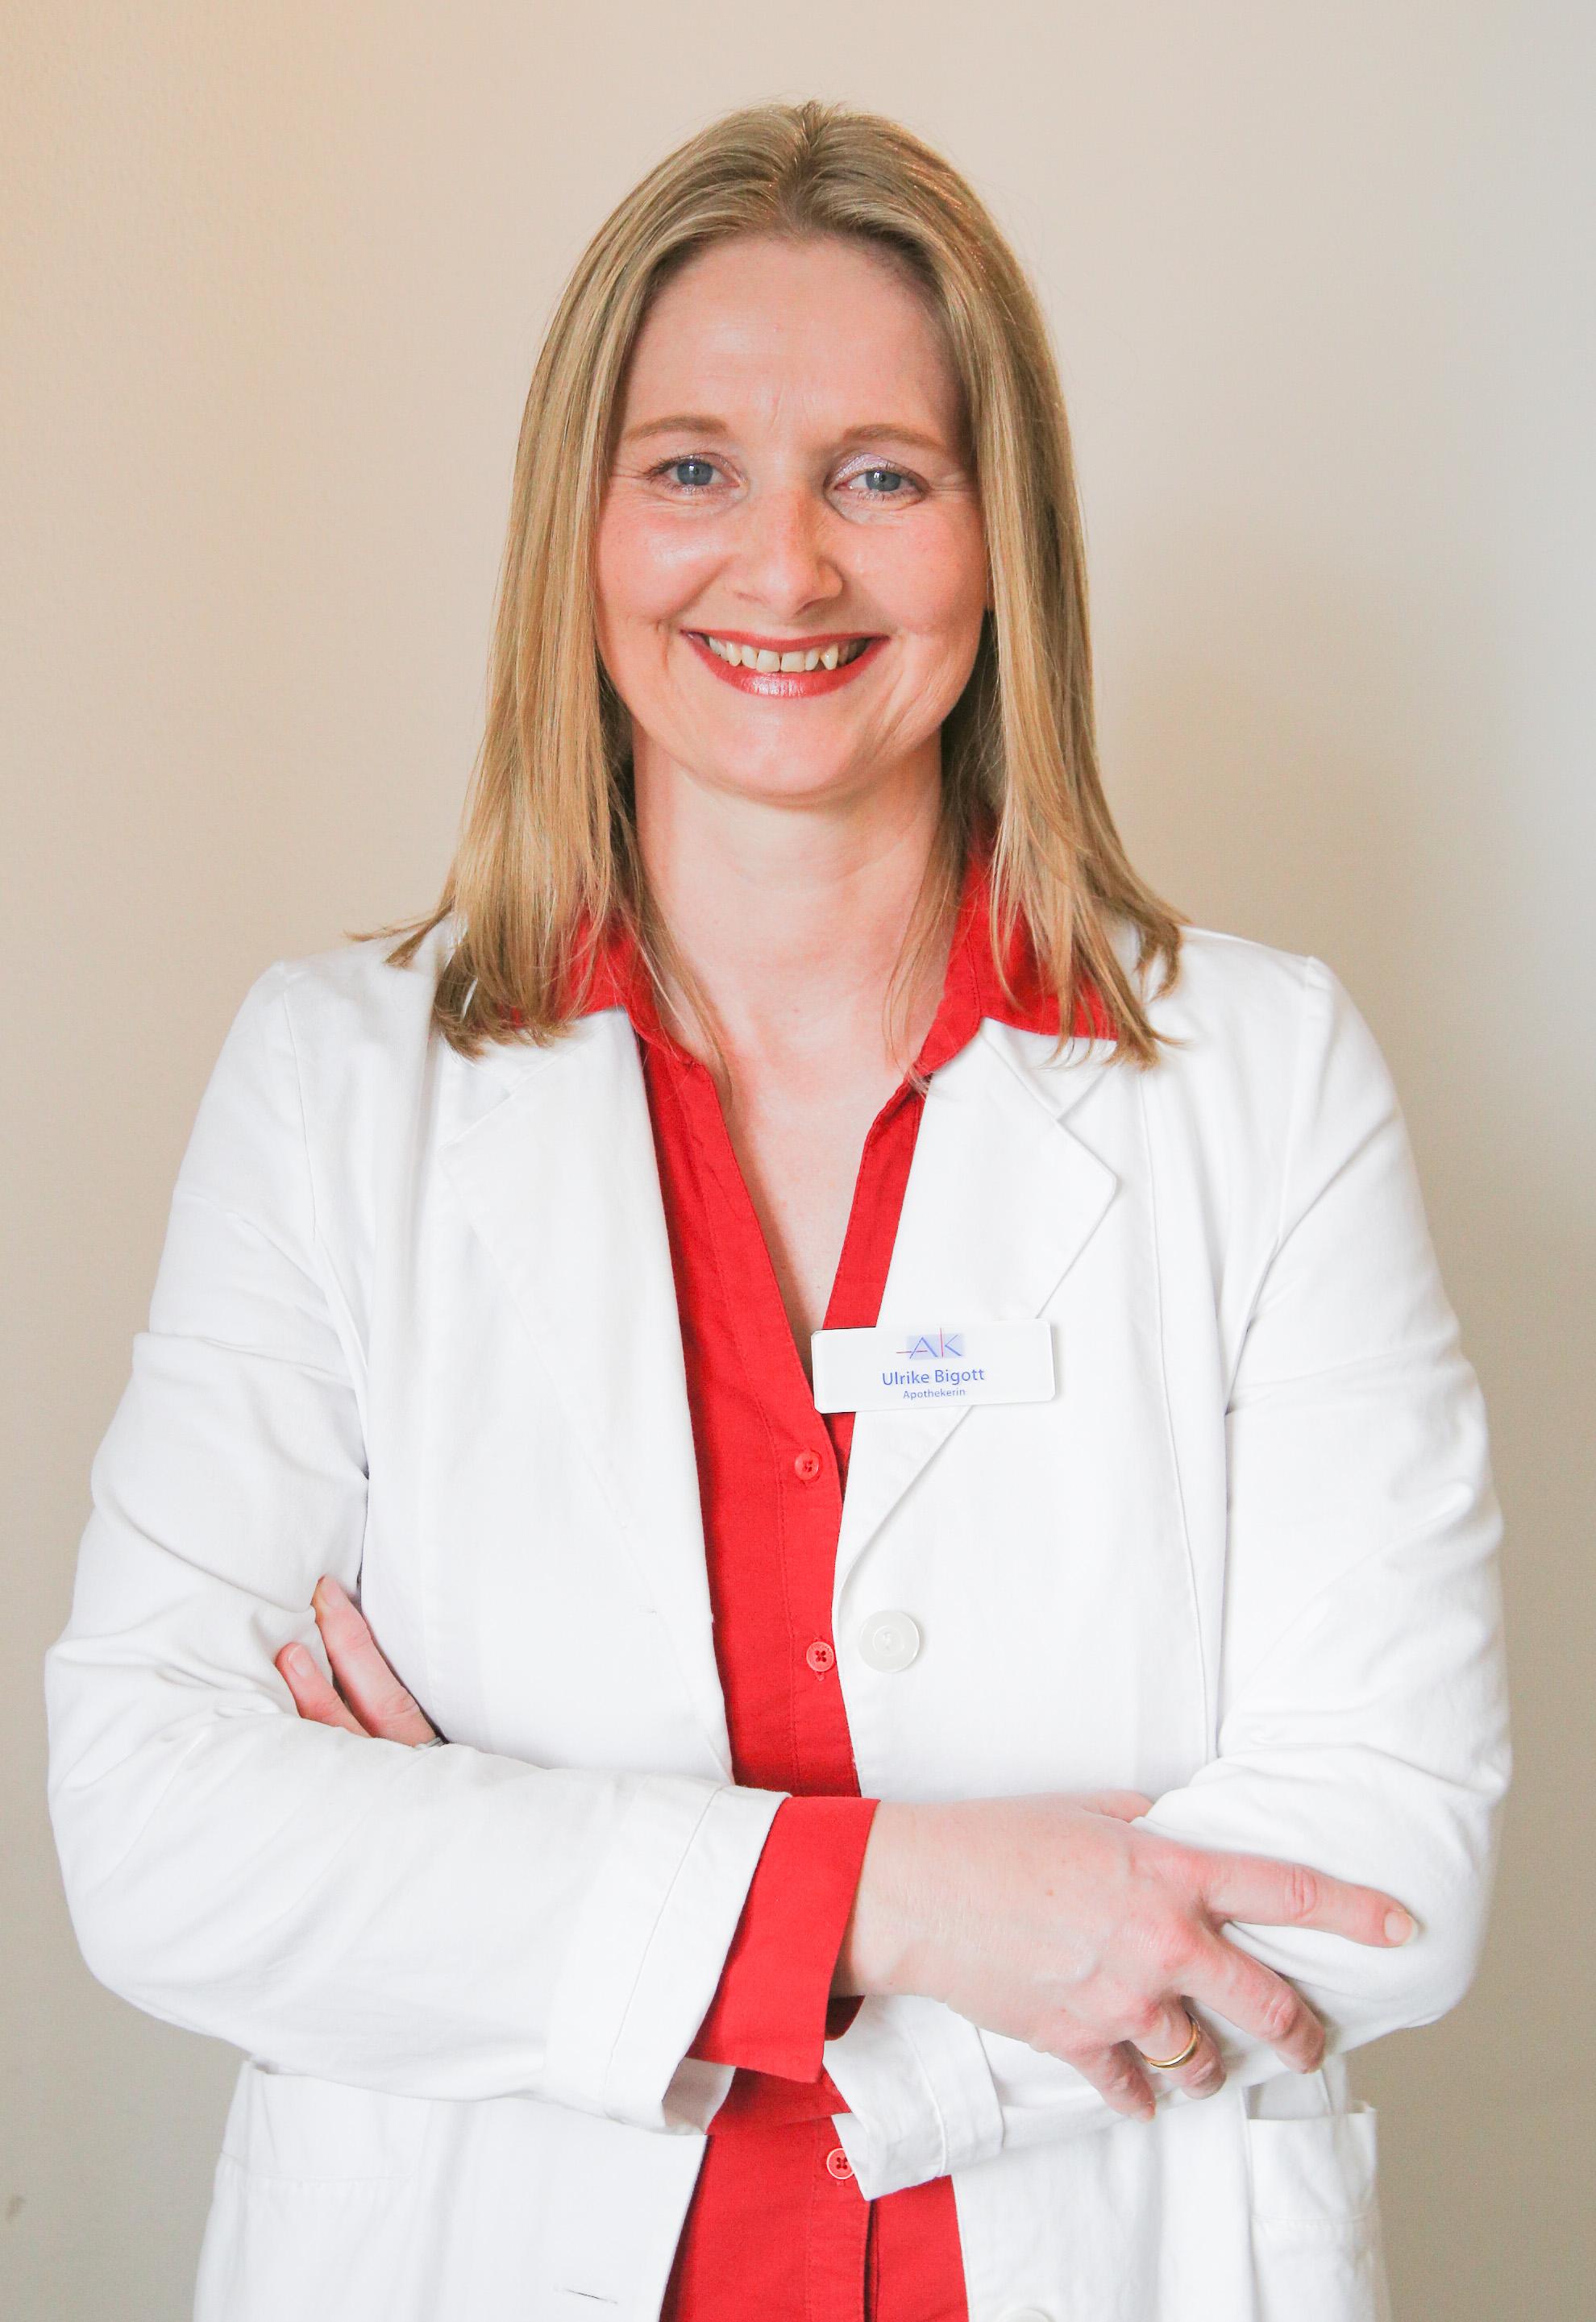 Ulrike Bigott